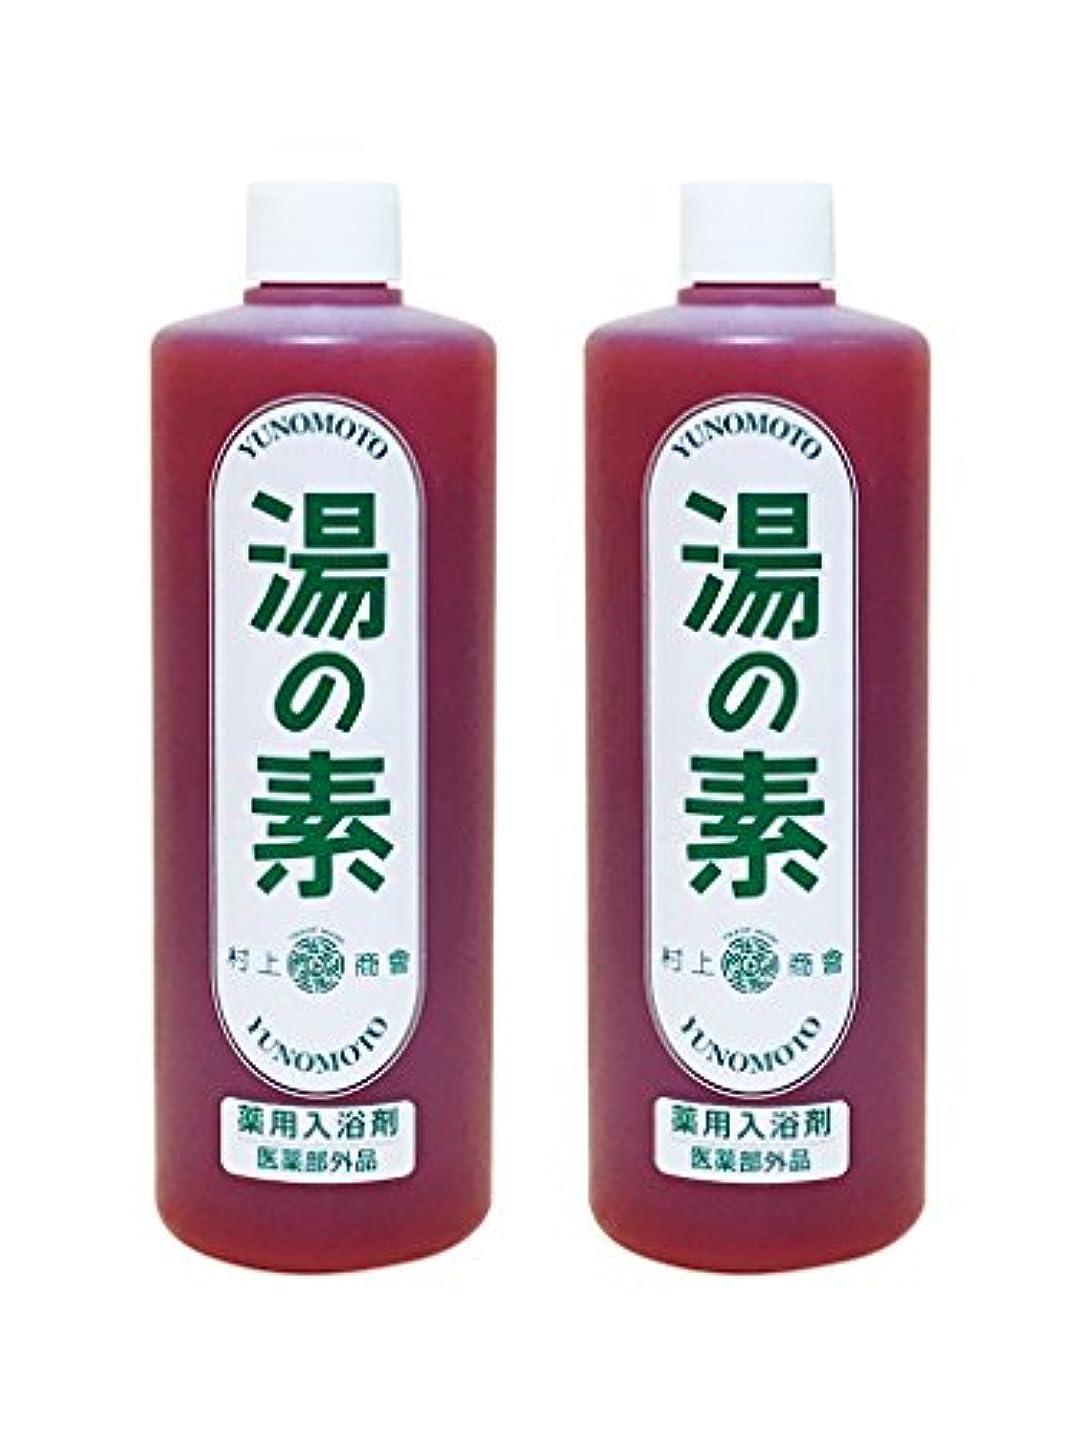 佐賀ドール安全でない硫黄乳白色湯 湯の素 薬用入浴剤 (医薬部外品) 490g 2本セット